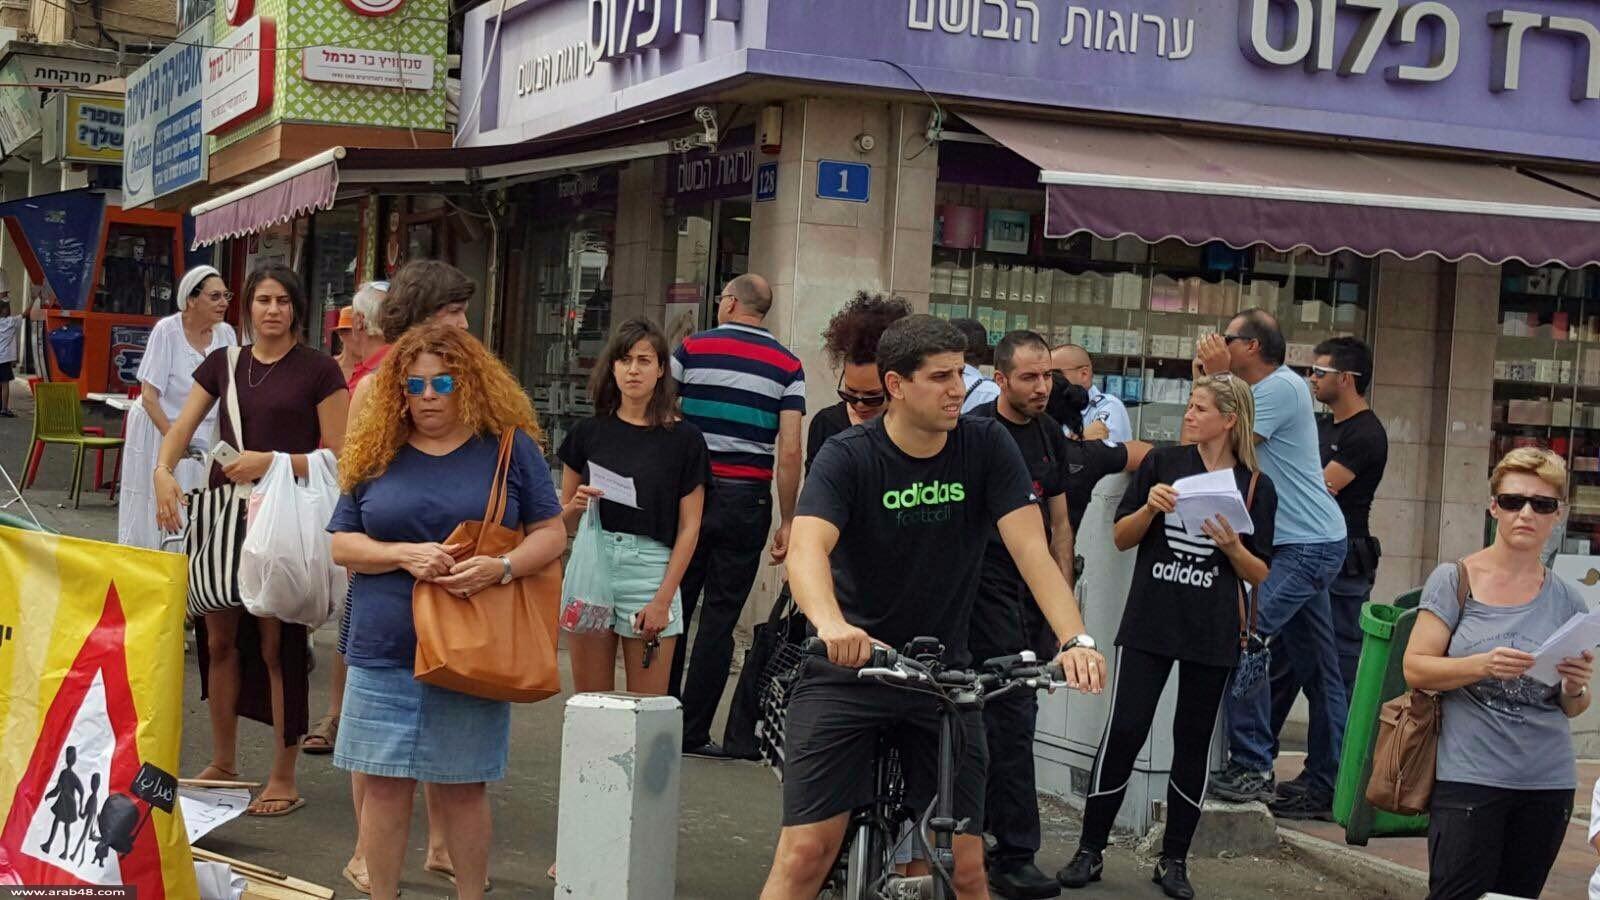 لجان معلمي المدارس الأهلية في حيفا: إضرابنا عادل